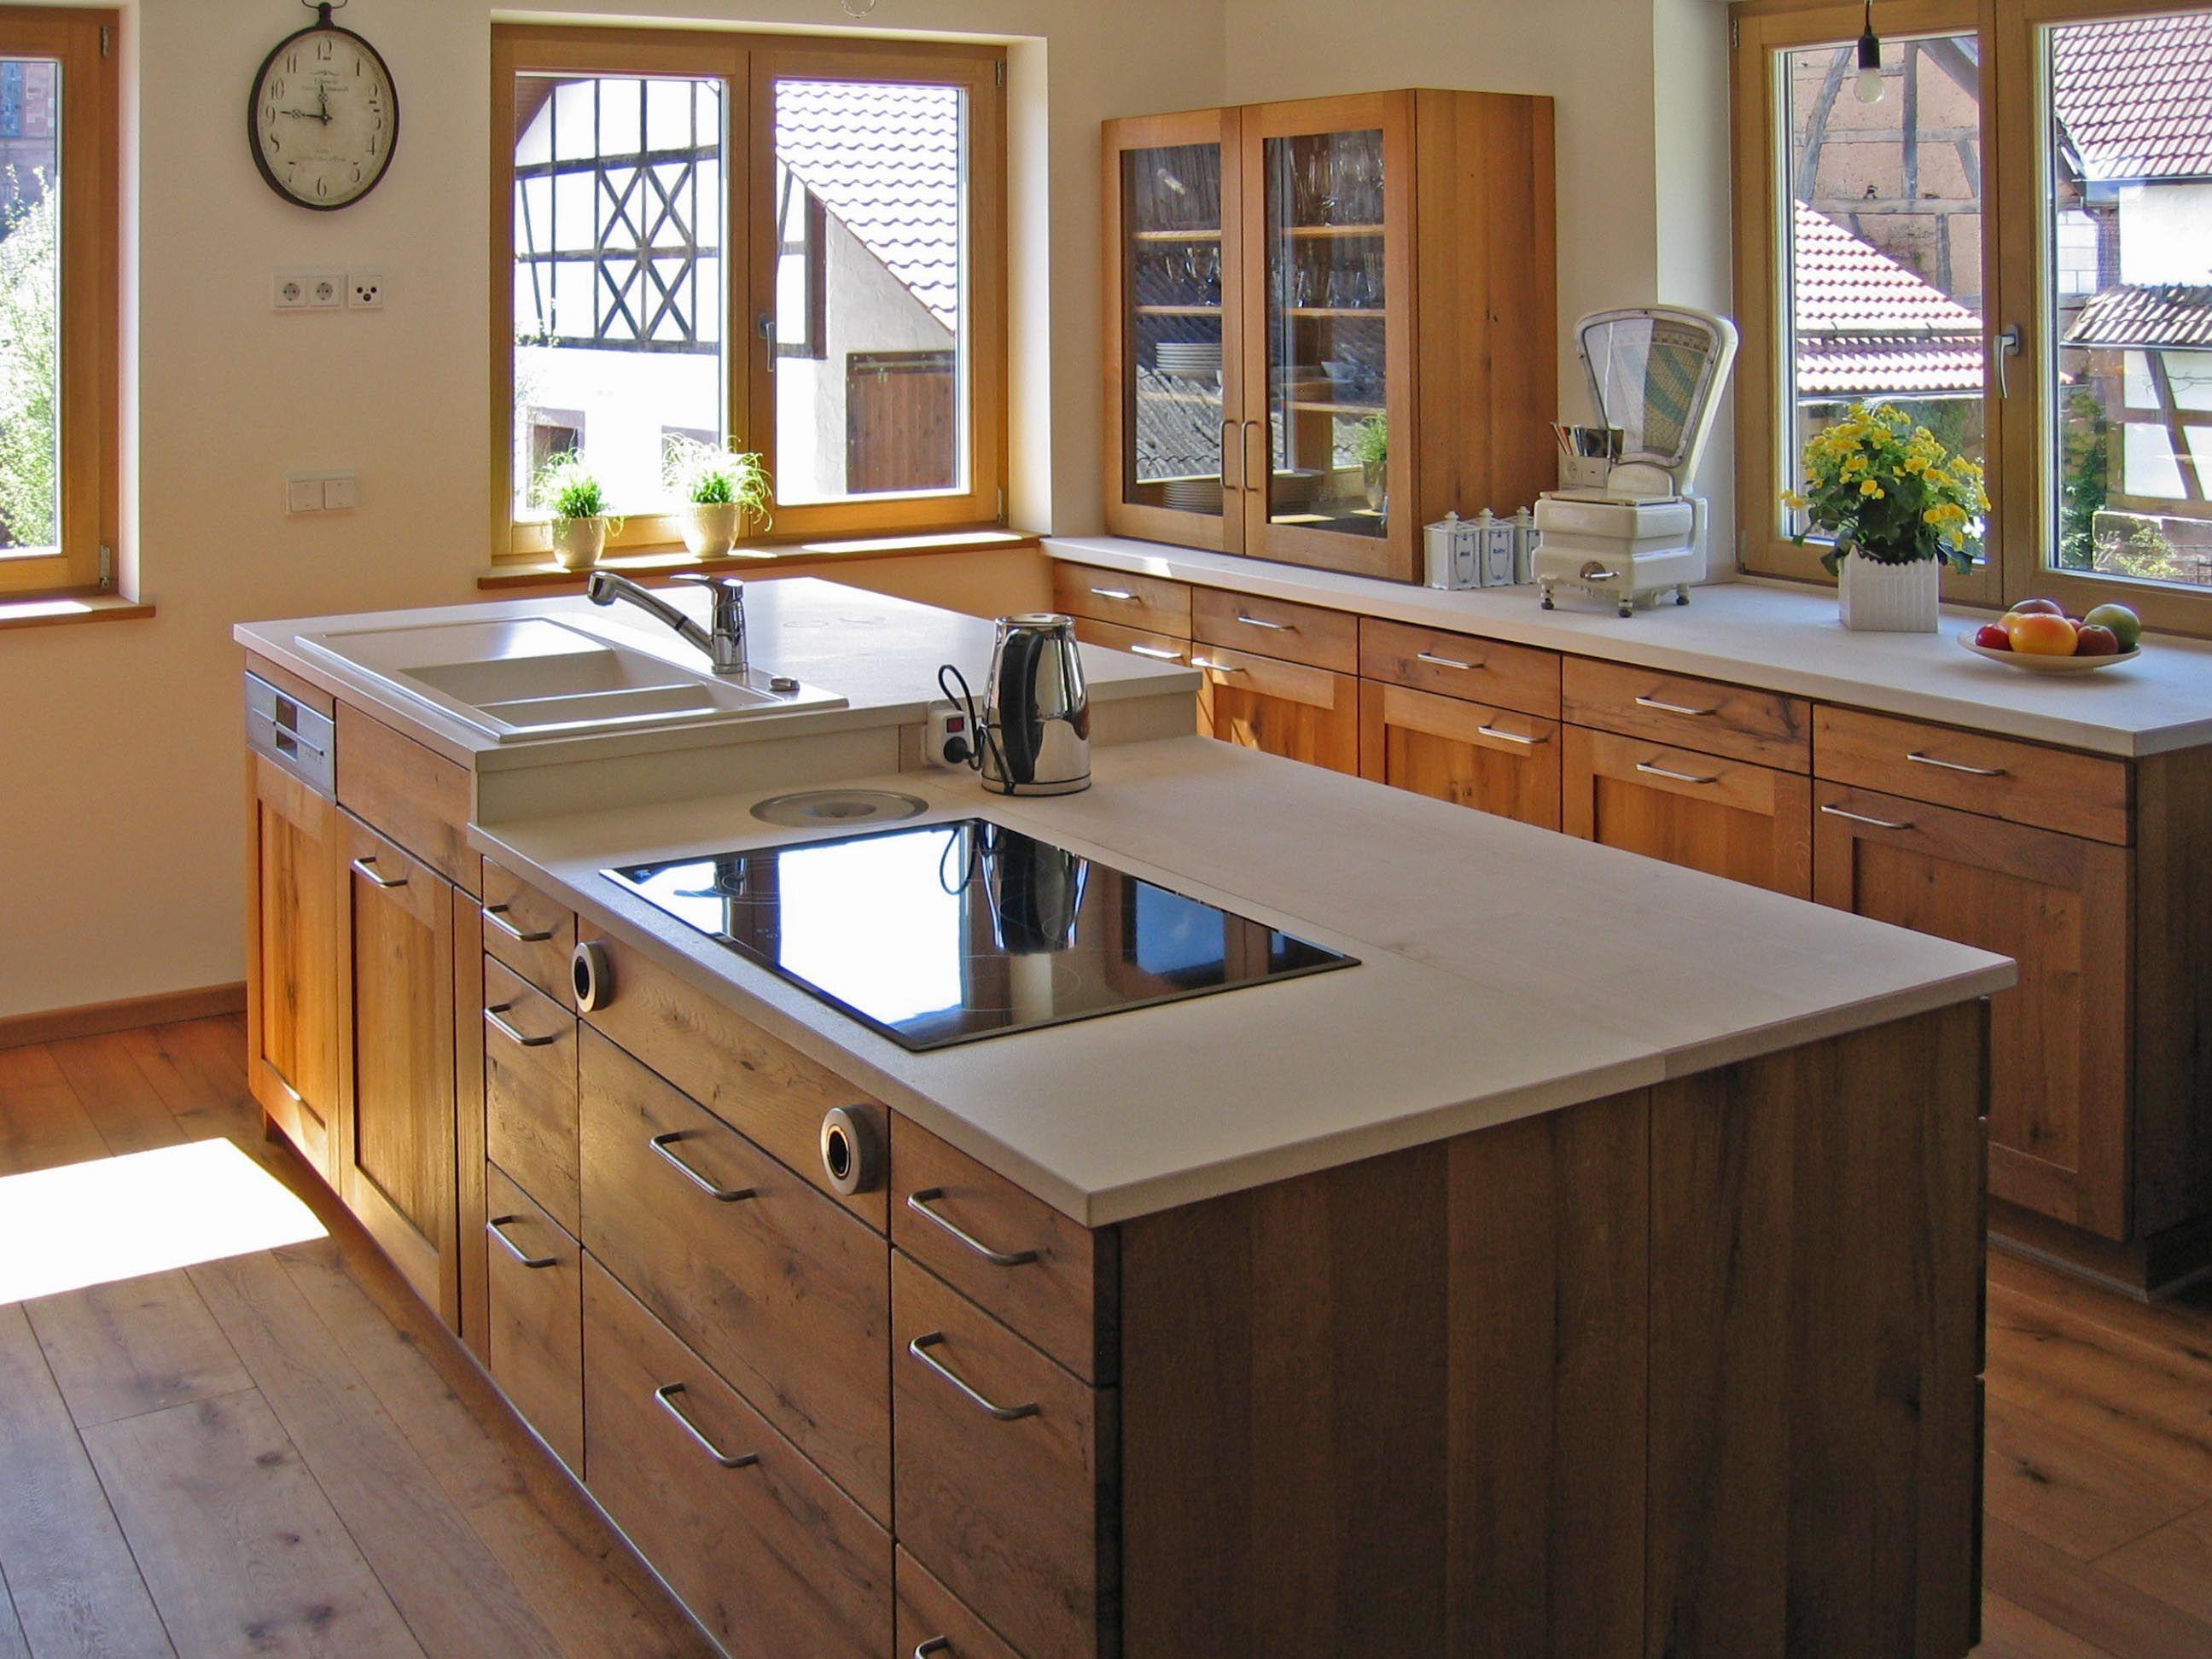 Naturholz Küche | wohnen | Pinterest | Naturholz, Küche und Küche ...